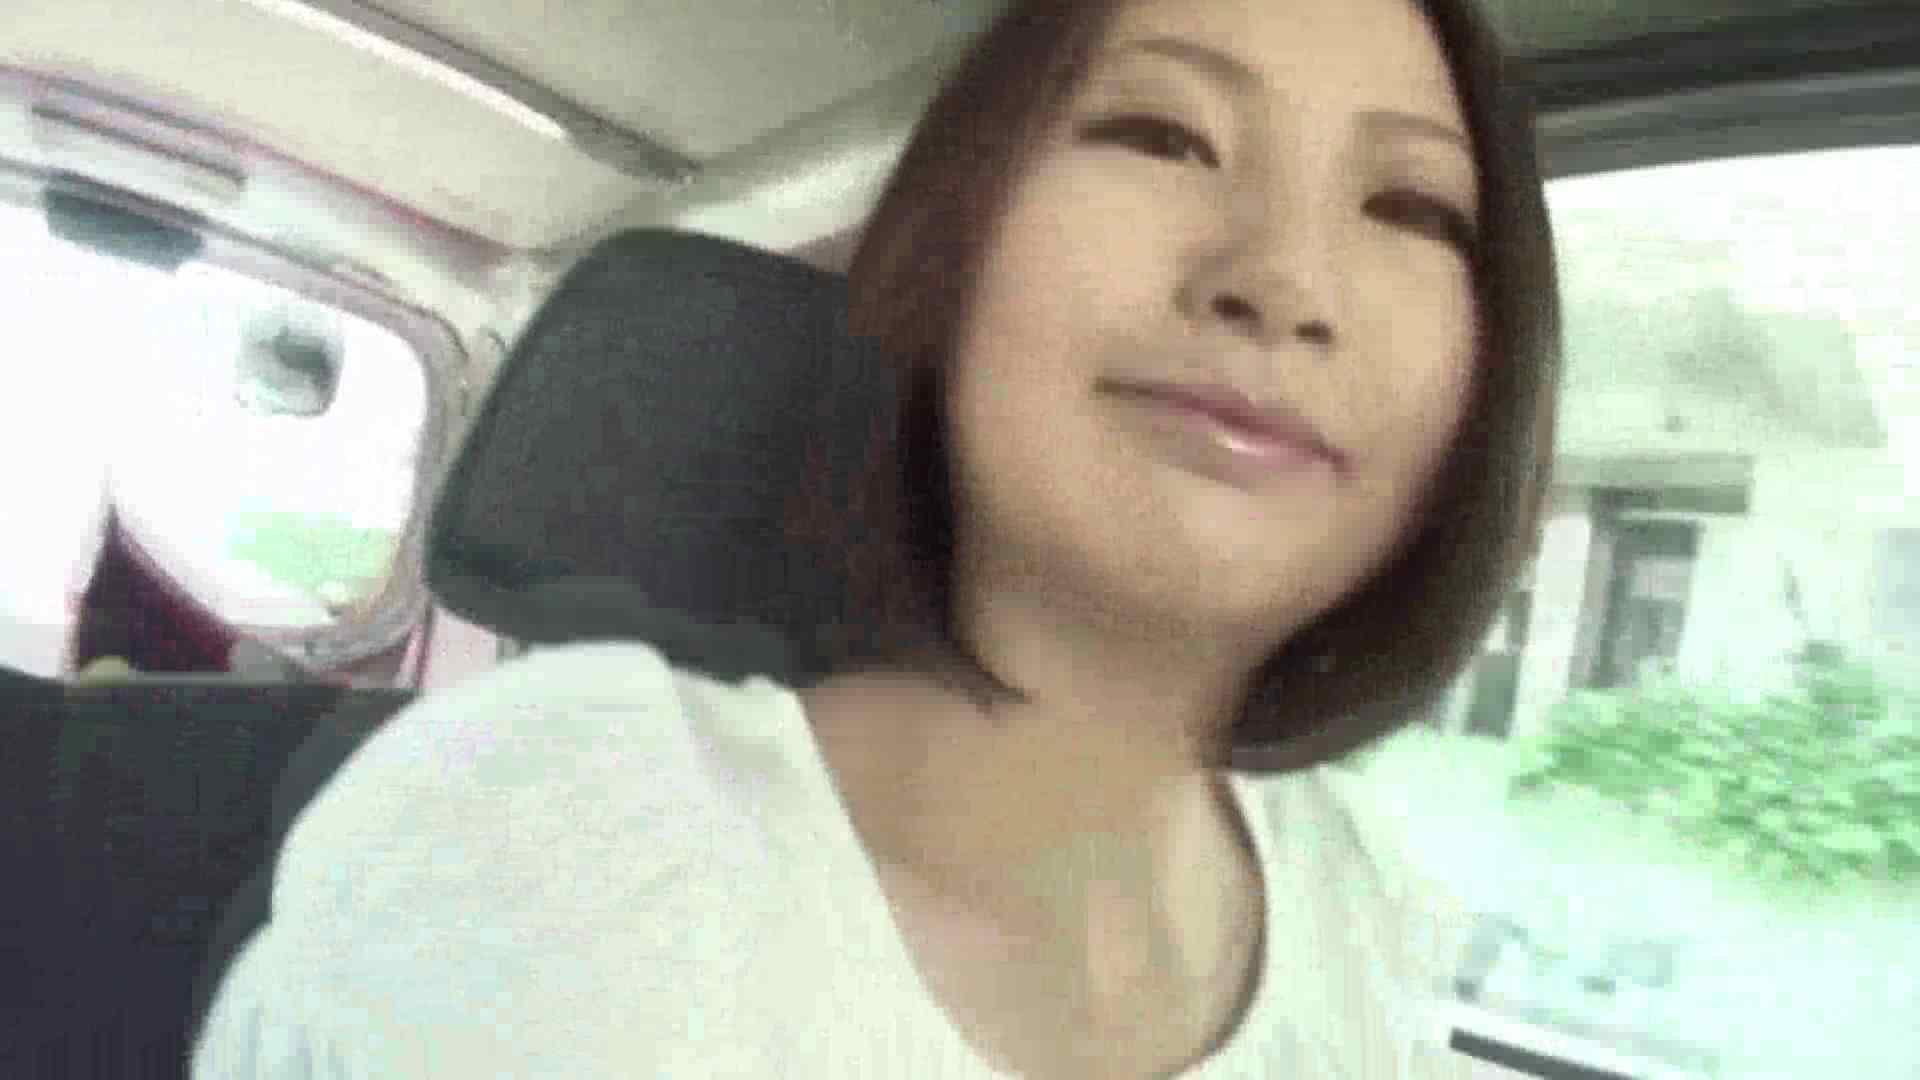 Hで可愛くてケシカラン! Vol.16 美女ヌード天国 | 車でエッチ  73PIX 1